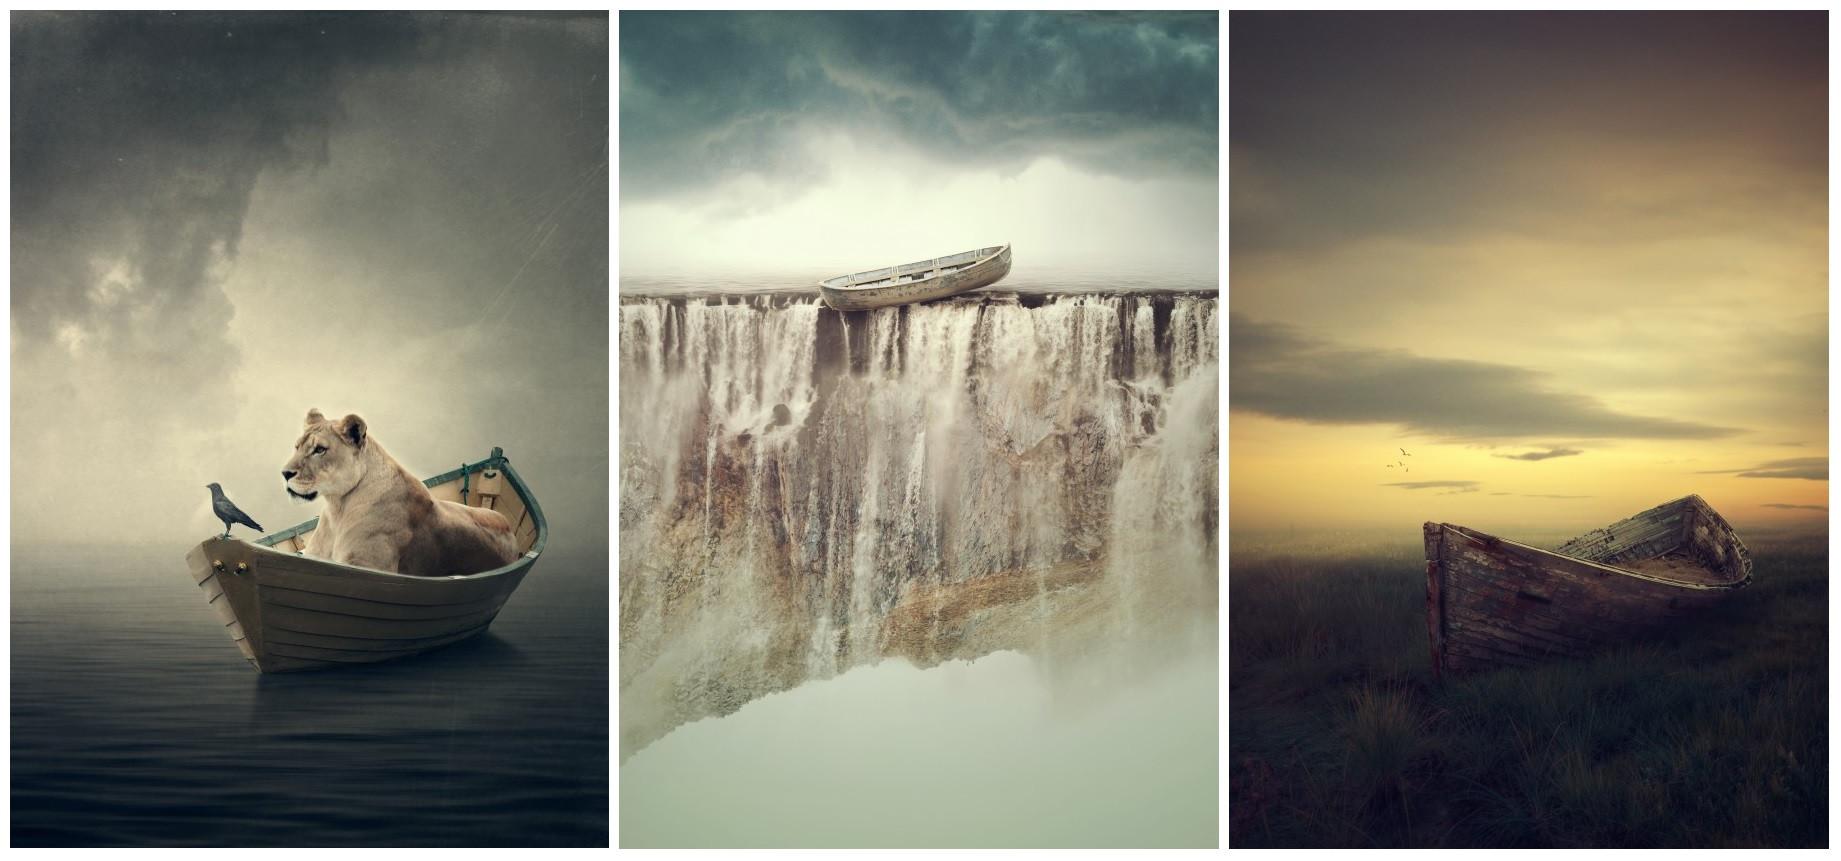 lion-boat-dream-like-photo-manipulations-by-albulena-panduri